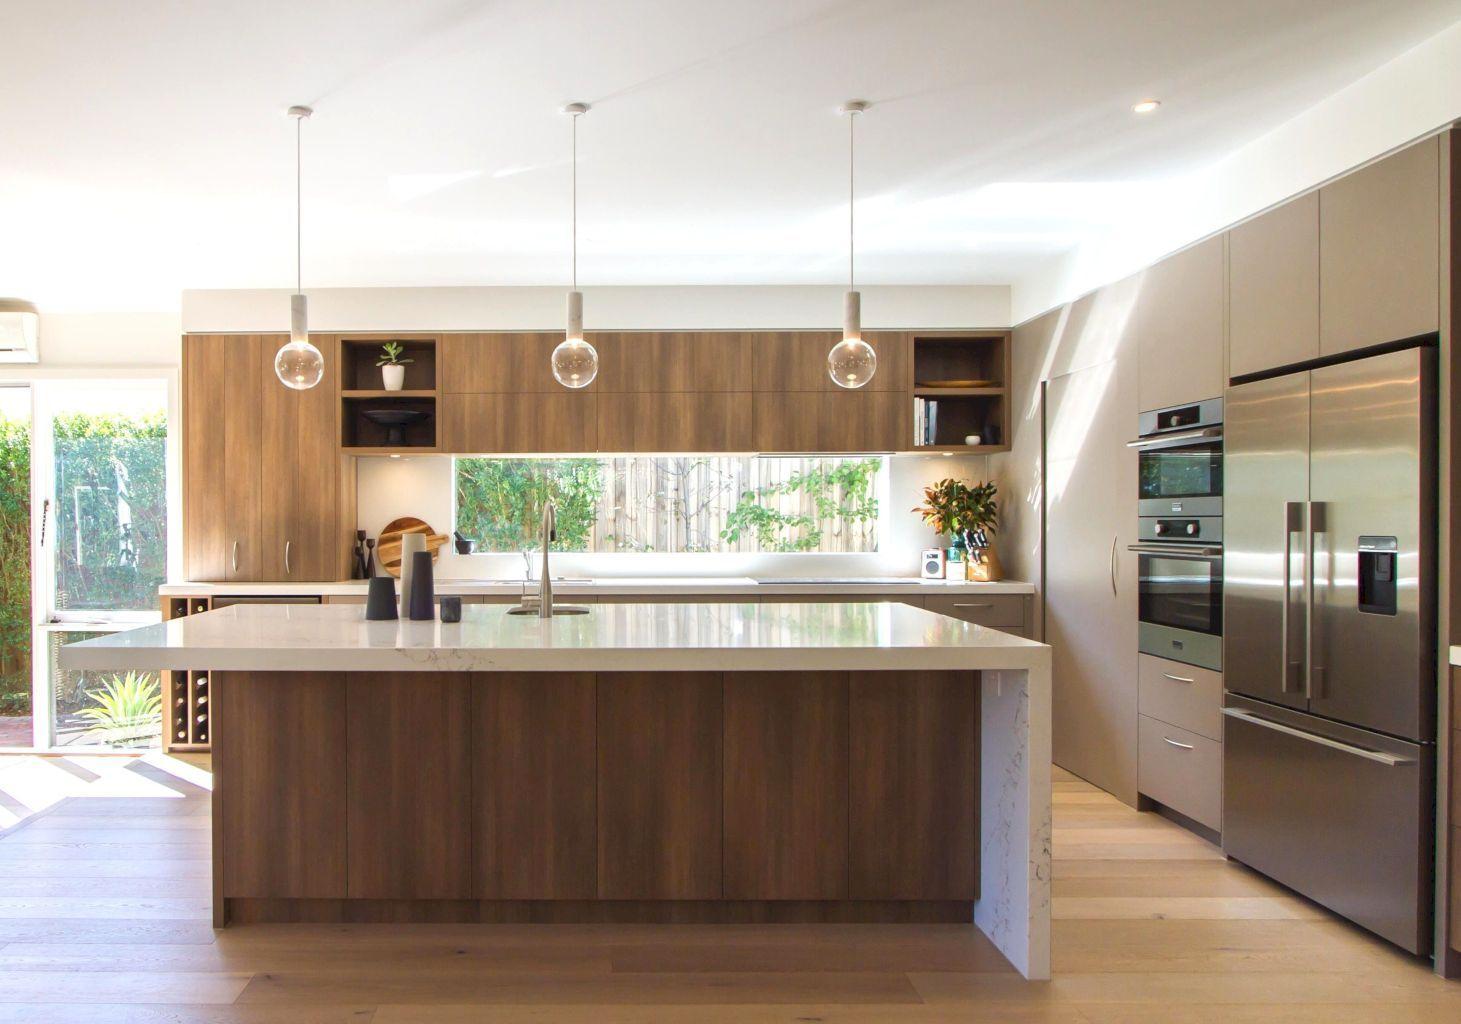 45 Modern Contemporary Kitchen Ideas | Küche und Häuschen